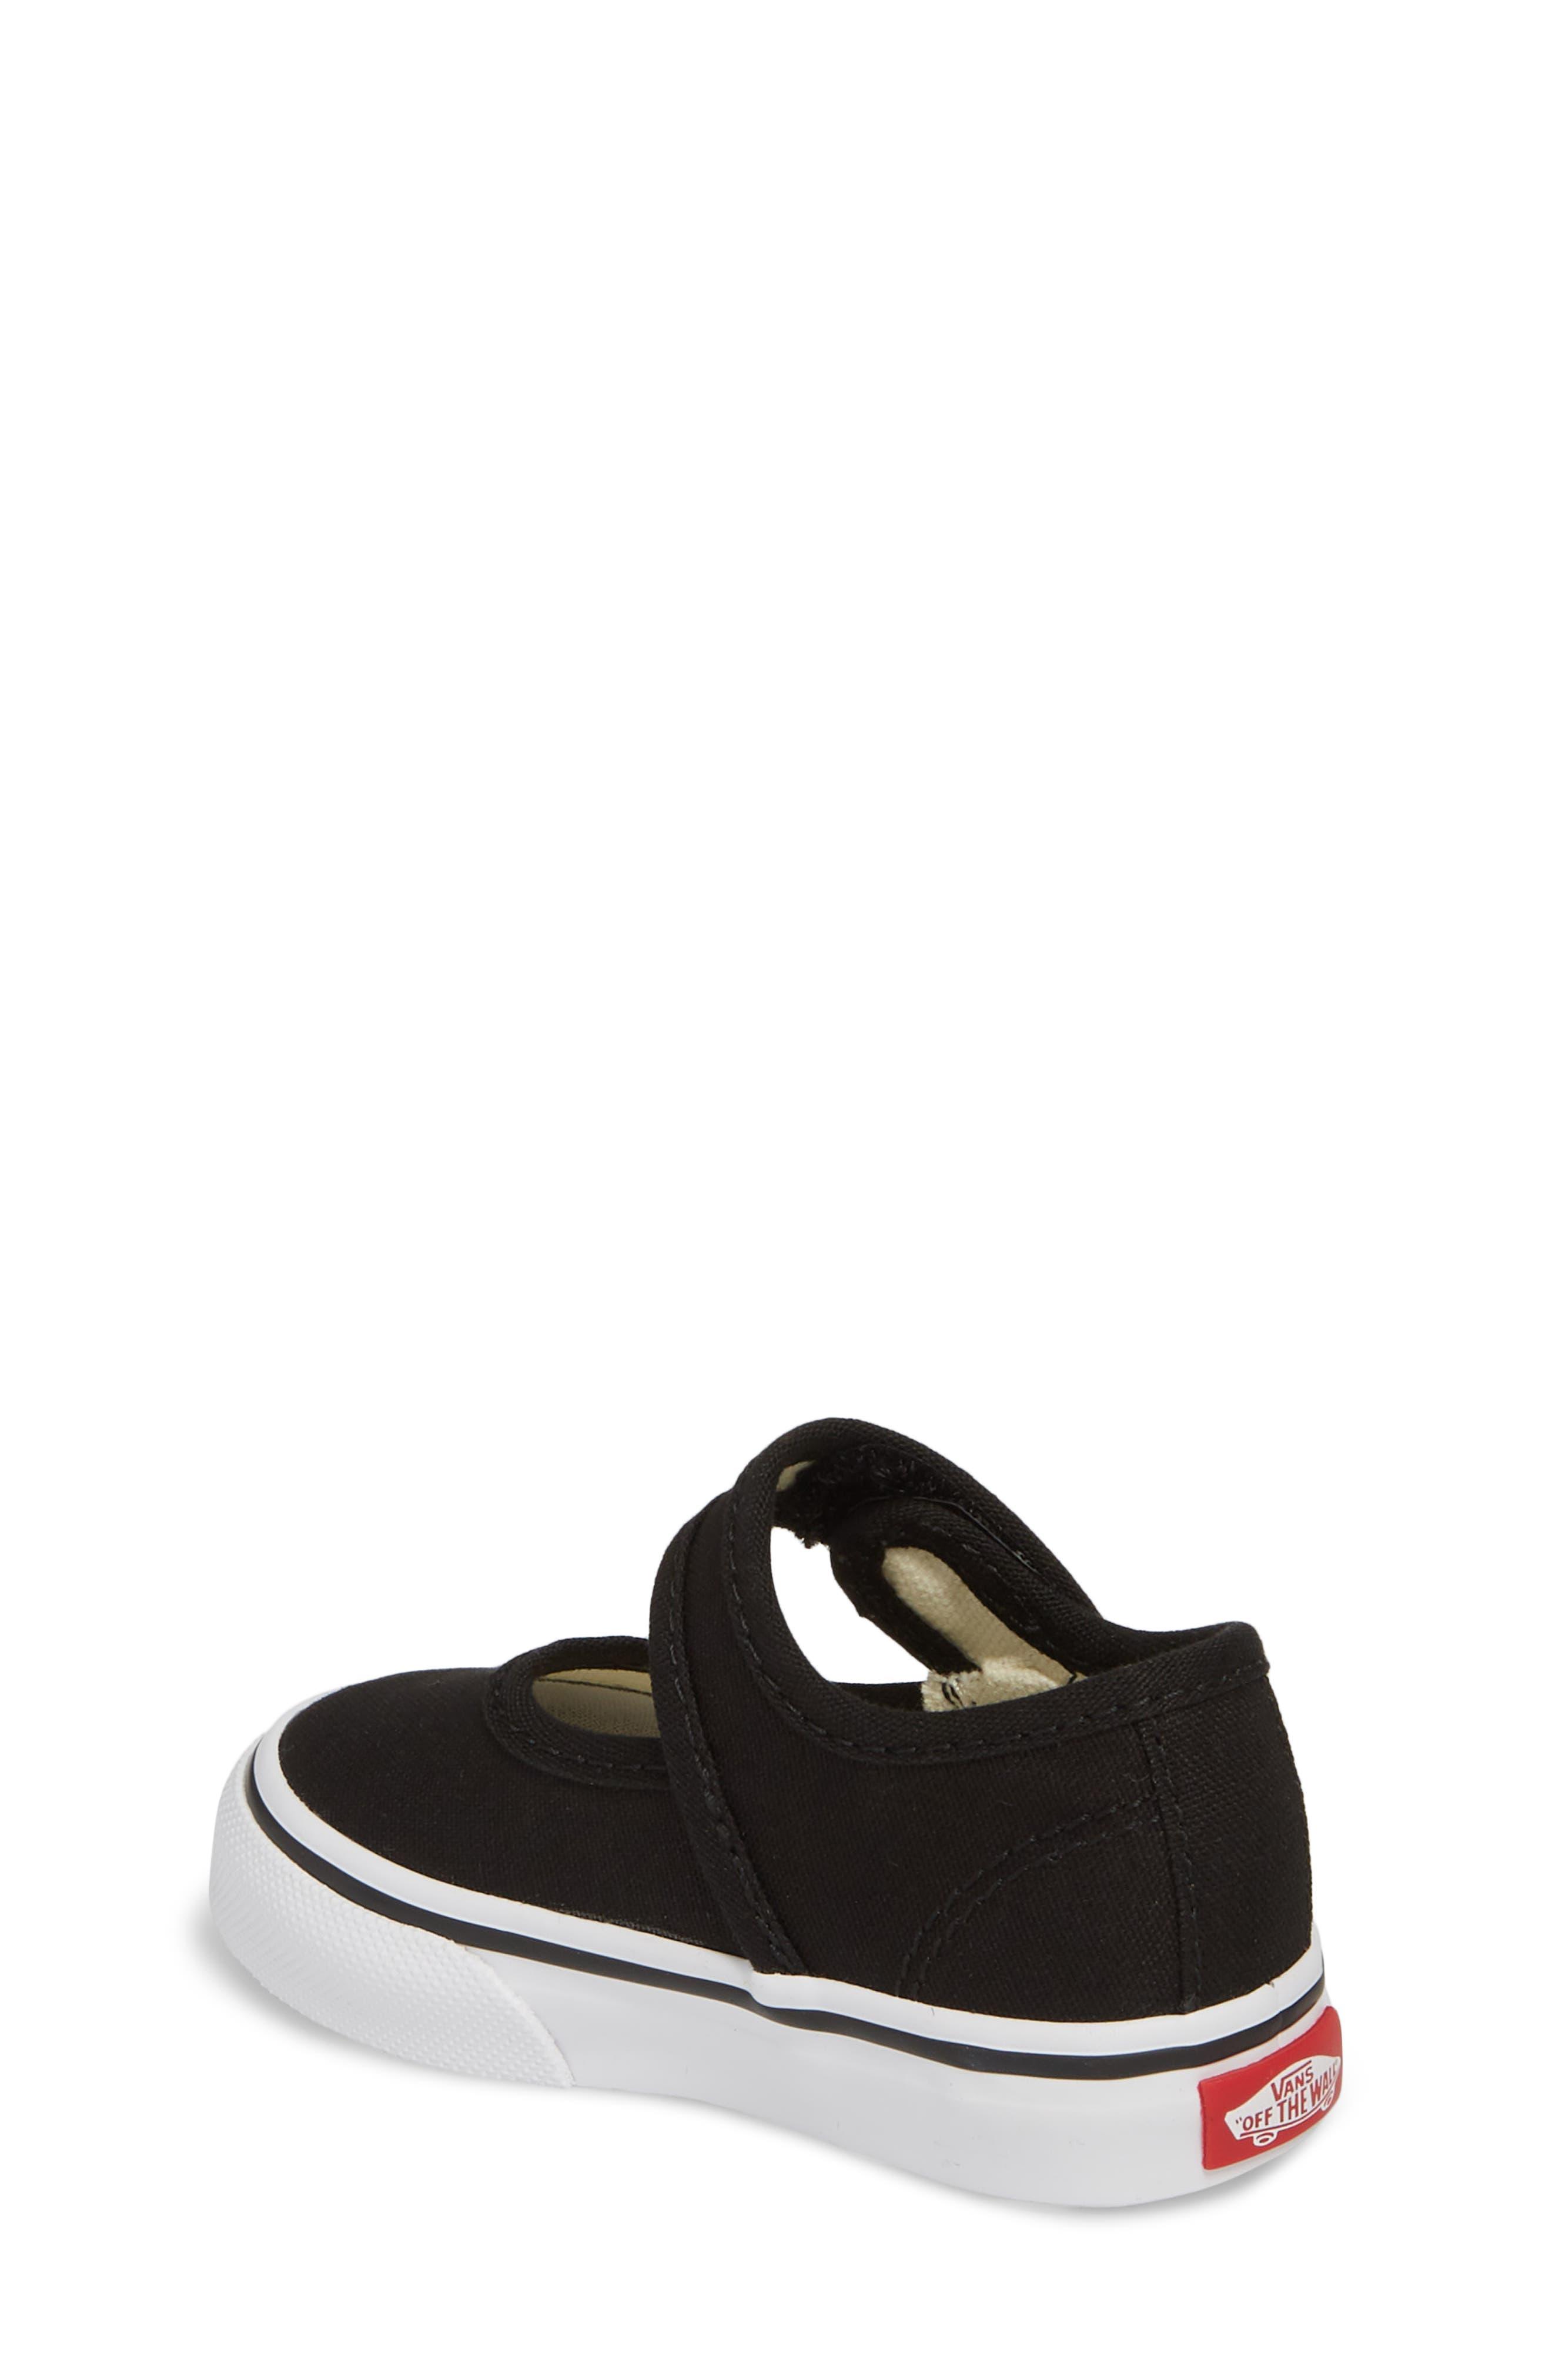 VANS,                             Mary Jane Sneaker,                             Alternate thumbnail 2, color,                             001